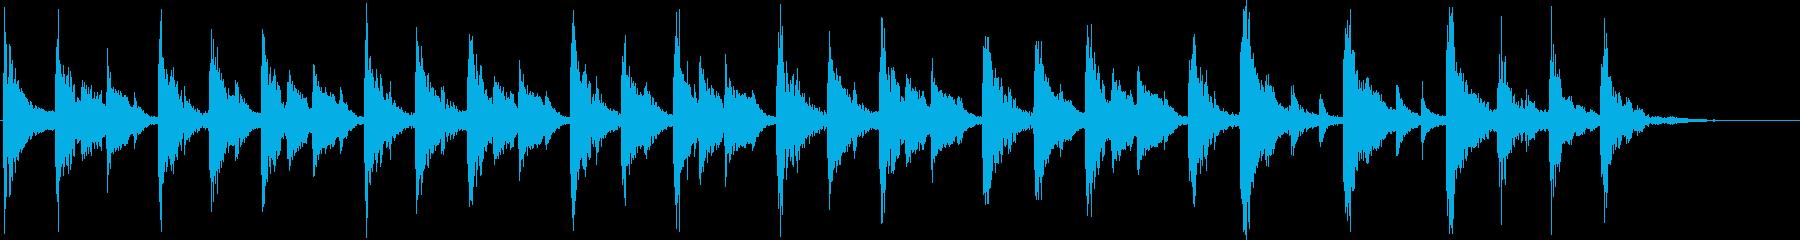 軽快なリズムのコミカルなジングルの再生済みの波形